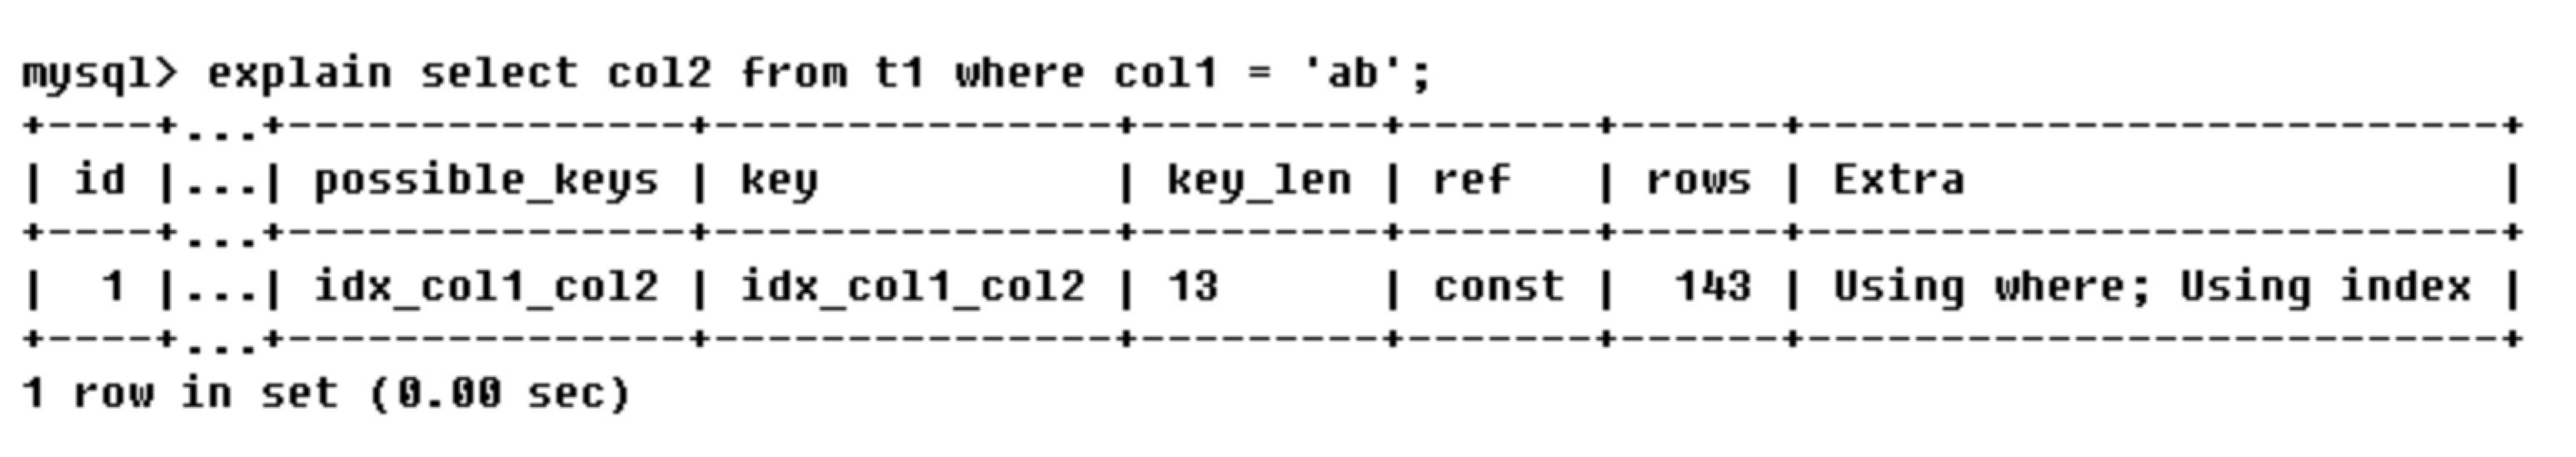 index-optimization-10